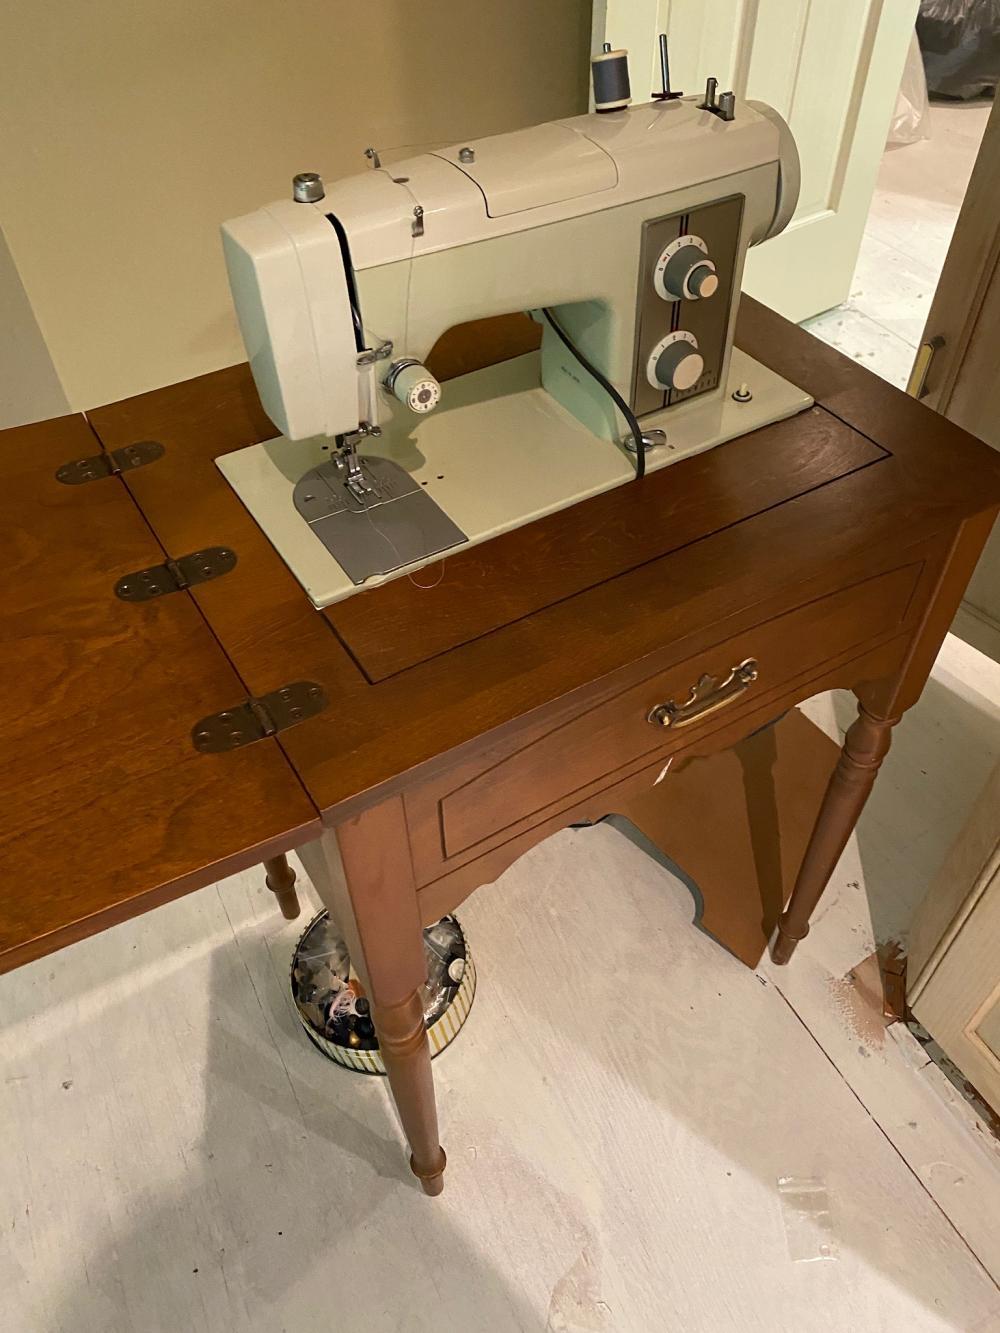 Vintage Sears Kenmore Sewing Machine : vintage, sears, kenmore, sewing, machine, Price:, VINTAGE, SEARS, KENMORE, MODEL, SEWING, MACHINE, TABLE, September